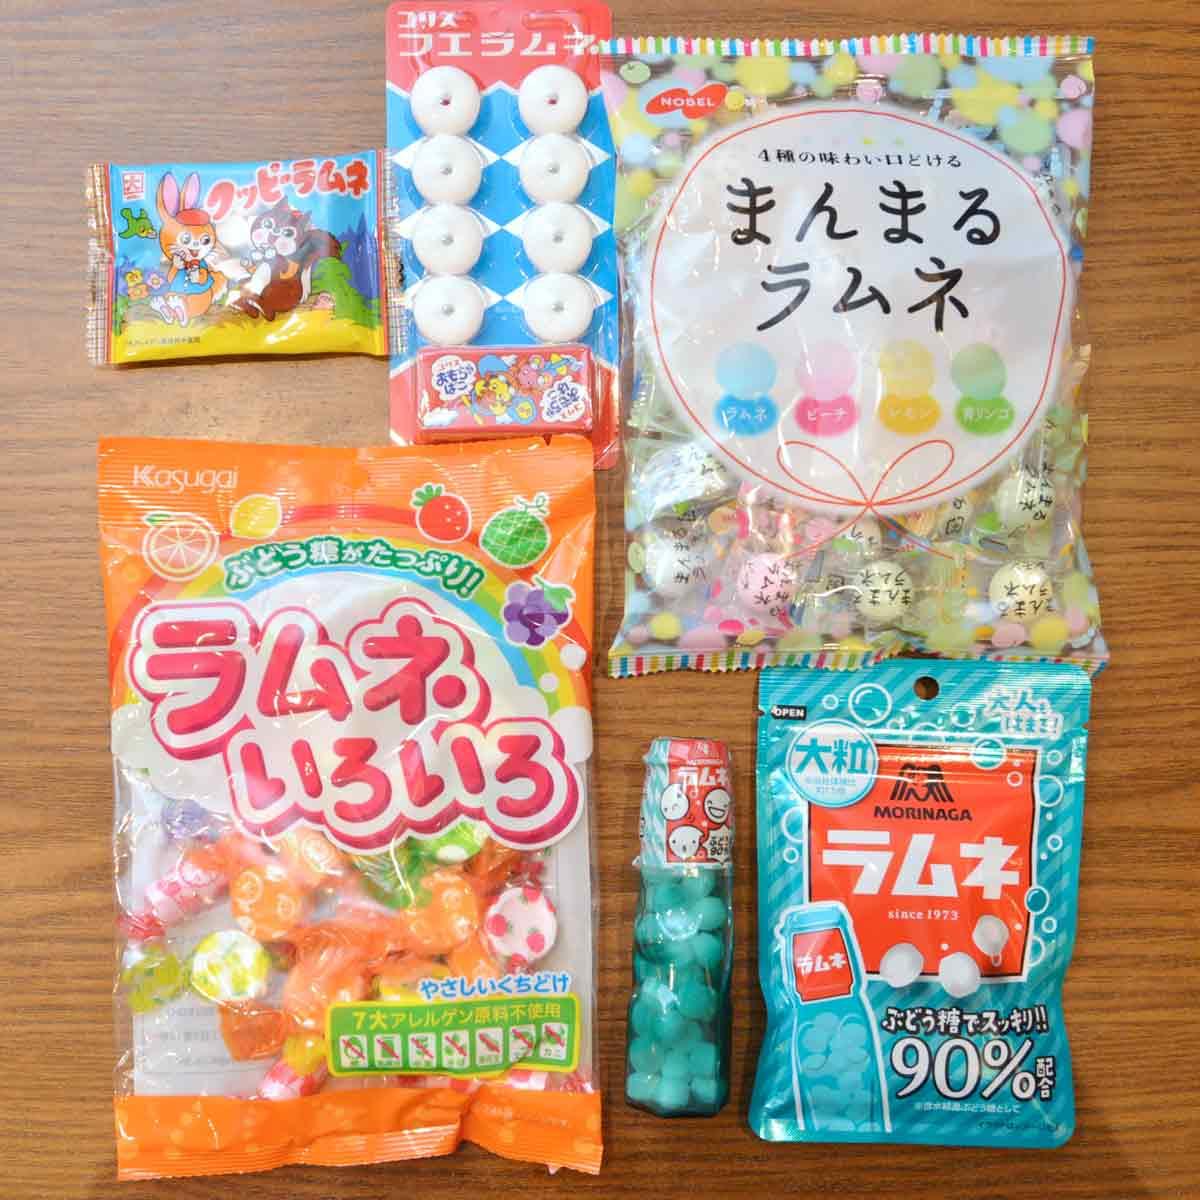 「ラムネ菓子」定番5ブランドをプロが食べ比べ! 清涼感の秘密はあの成分にあった